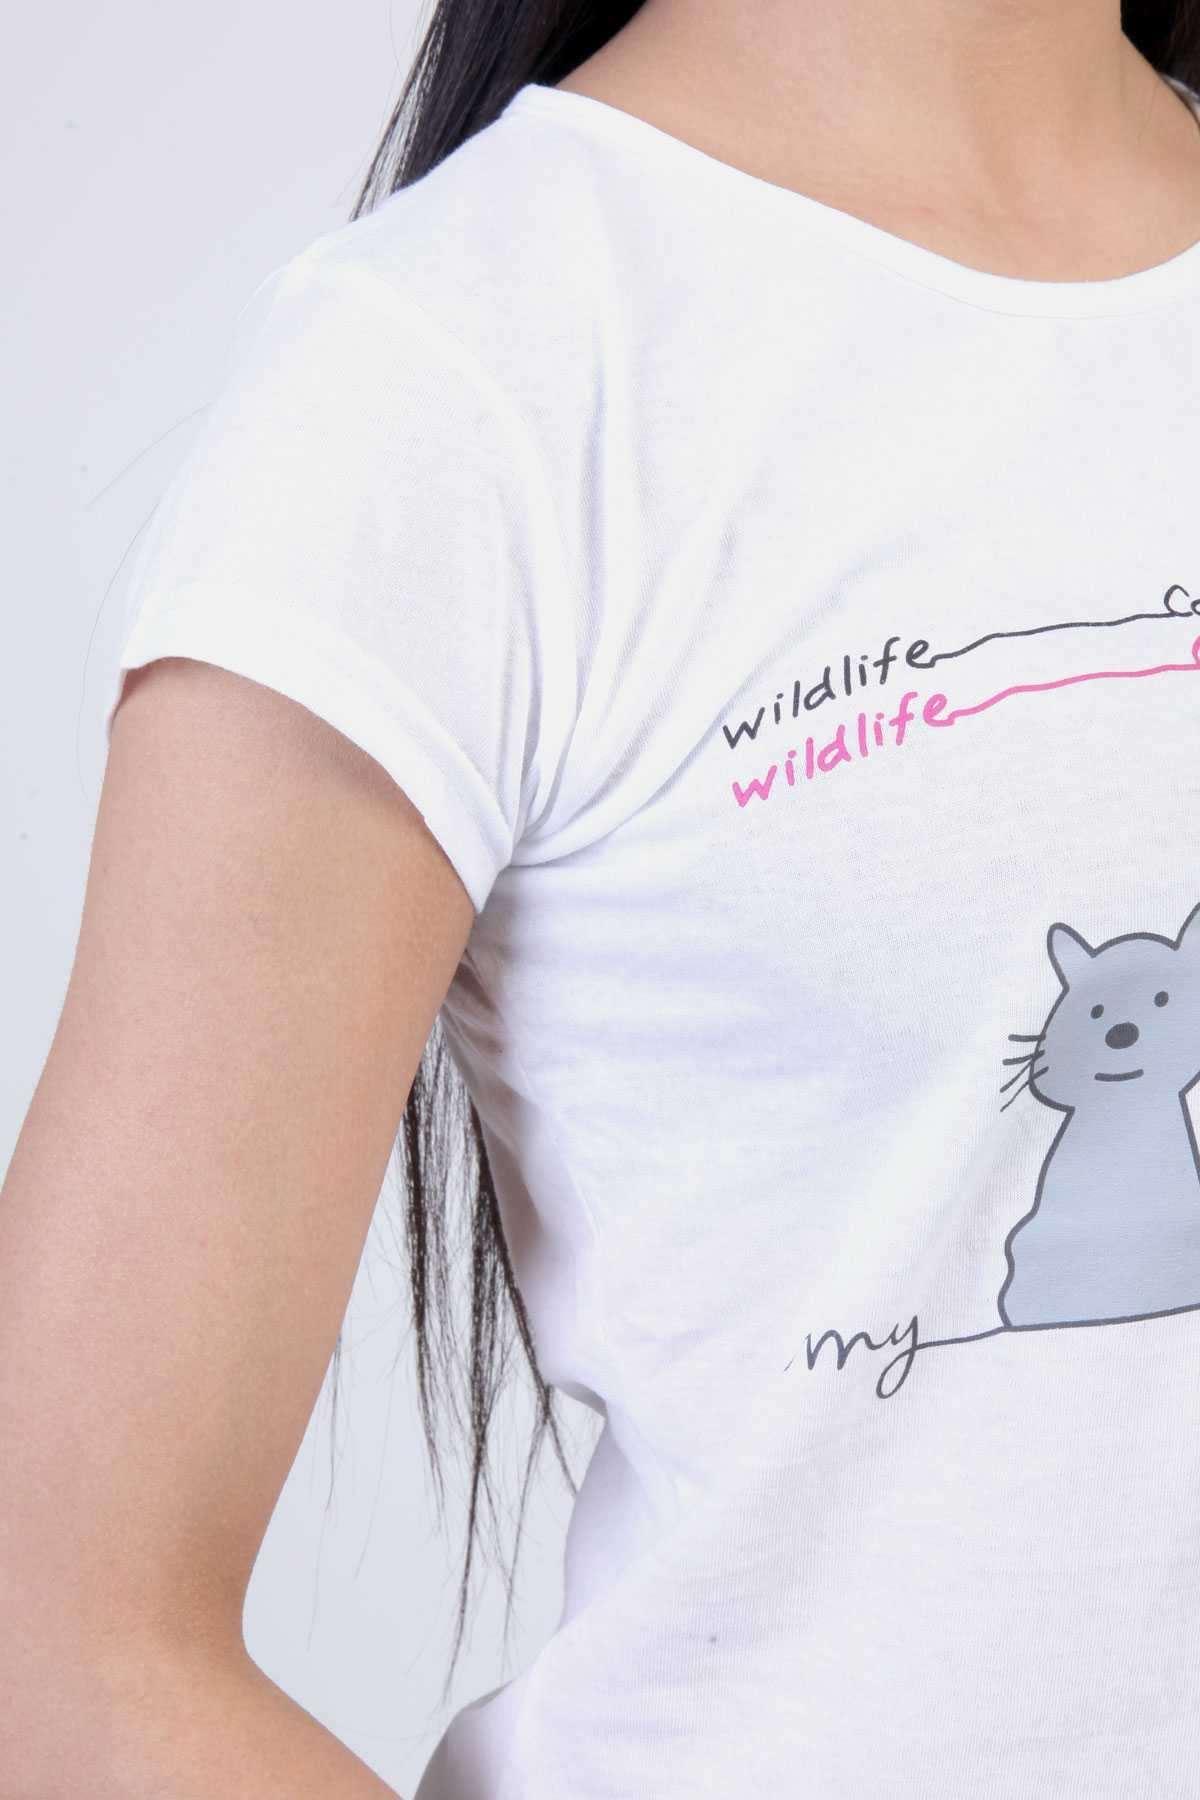 Kedi Baskılı Yazılı Kısa Şortlu Pijama Takımı Beyaz-Fuşya